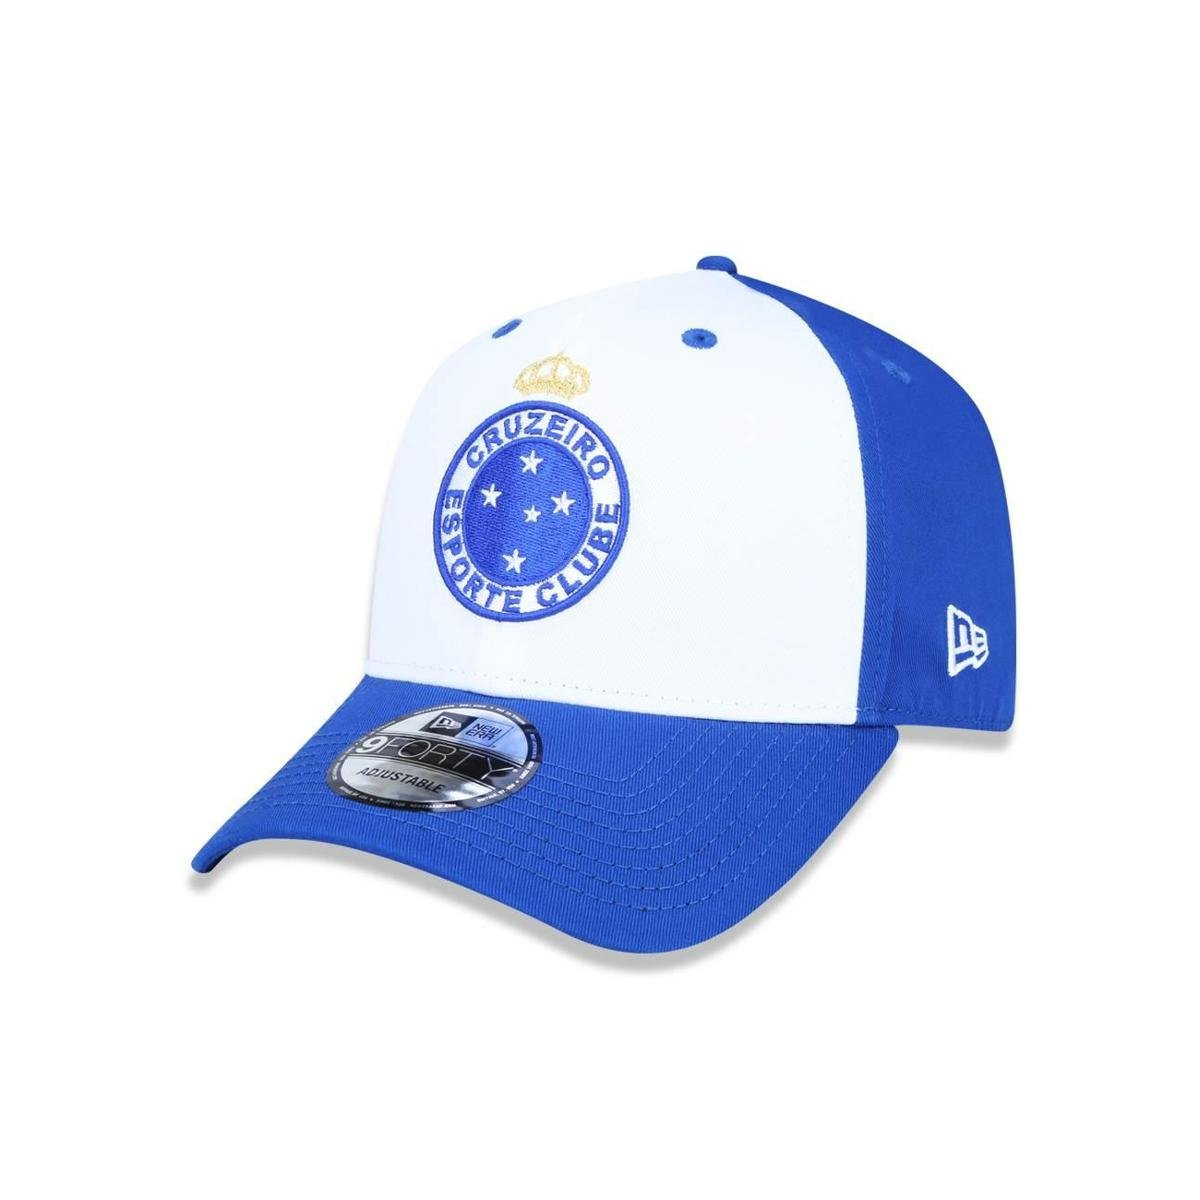 Boné 940 Cruzeiro Futebol Aba Curva Snapback New Era - Compre Agora ... 53be2af9509